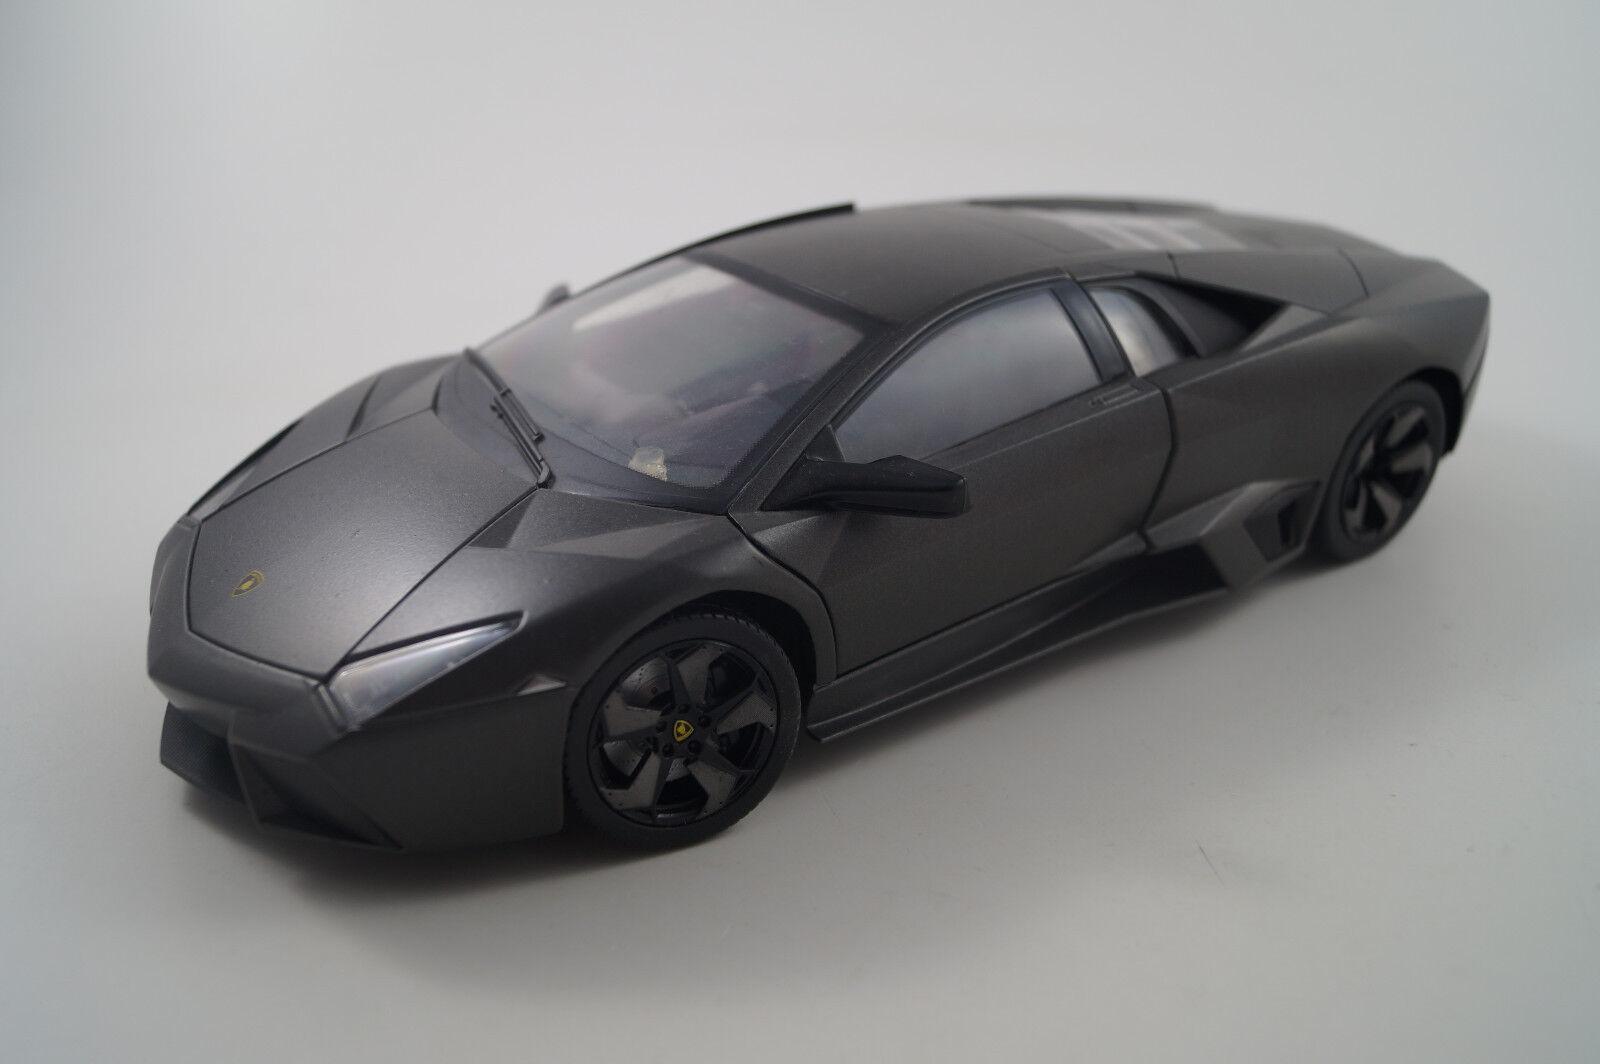 Mondo Mondo Mondo motors coche modelo 1 18 Lamborghini reventon 655d50